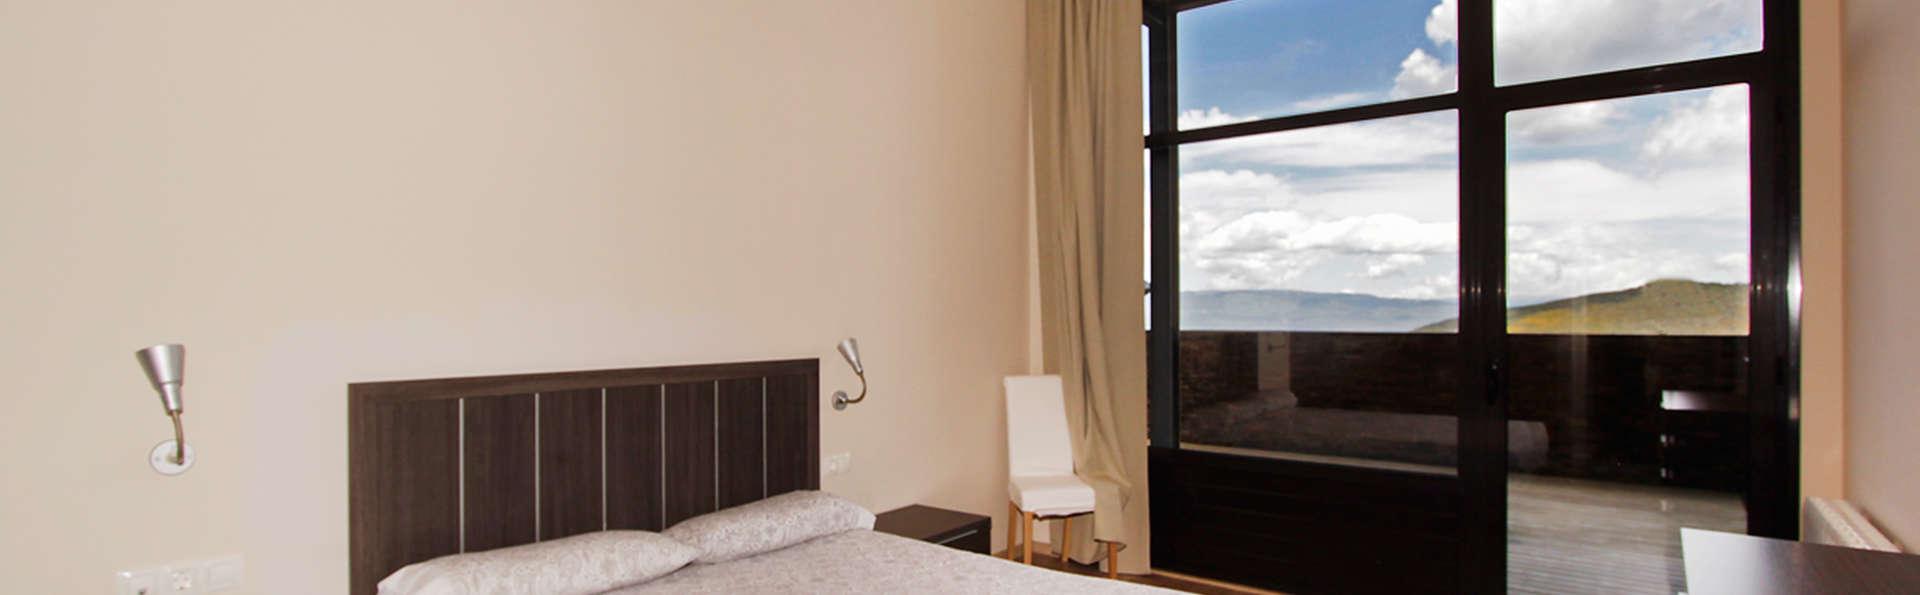 Apartamentos La Masella 1600 - EDIT_room1.jpg